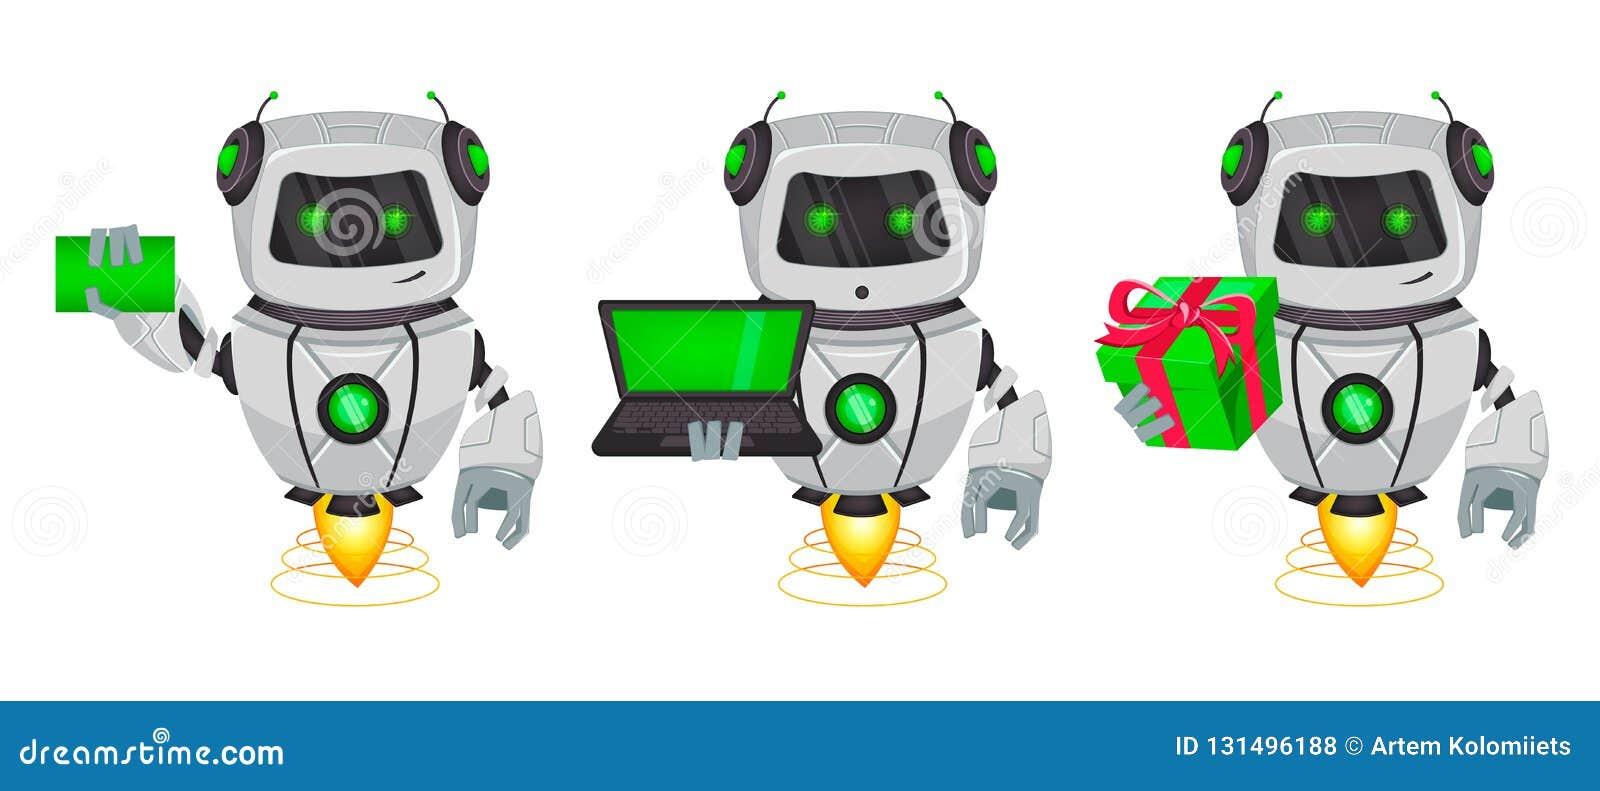 De robot met kunstmatige intelligentie, bot, reeks van drie stelt Het grappige beeldverhaalkarakter houdt leeg adreskaartje, houd